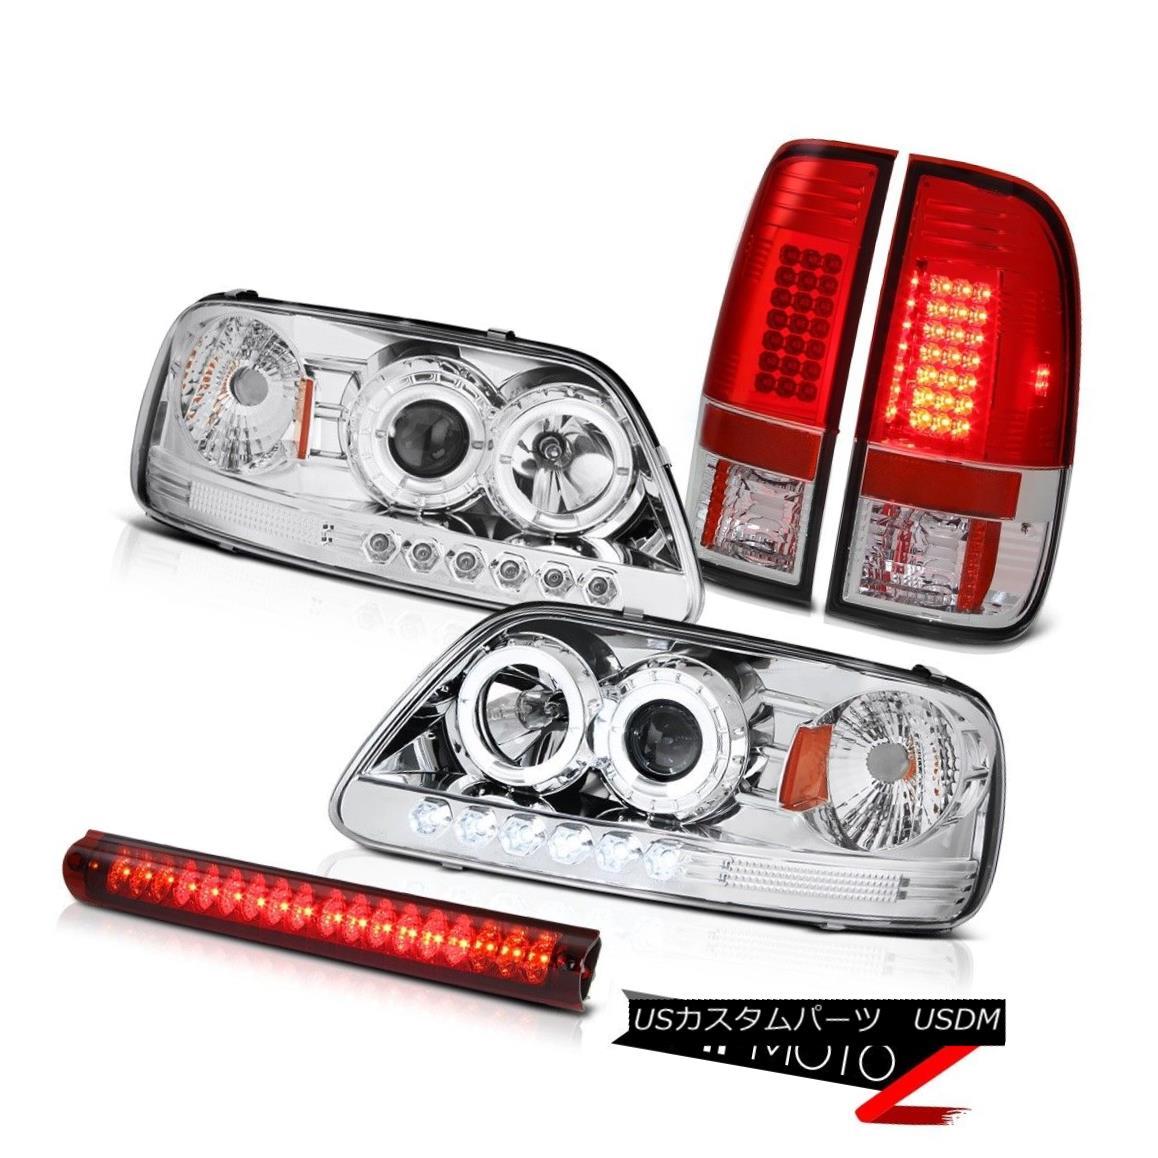 テールライト Chrome Halo LED Headlight 2001 2002 03 F150 Bulb Tail Light Red Third Brake Lamp クロームハローLEDヘッドライト2001 2002 03 F150バルブテールライトレッド第3ブレーキランプ